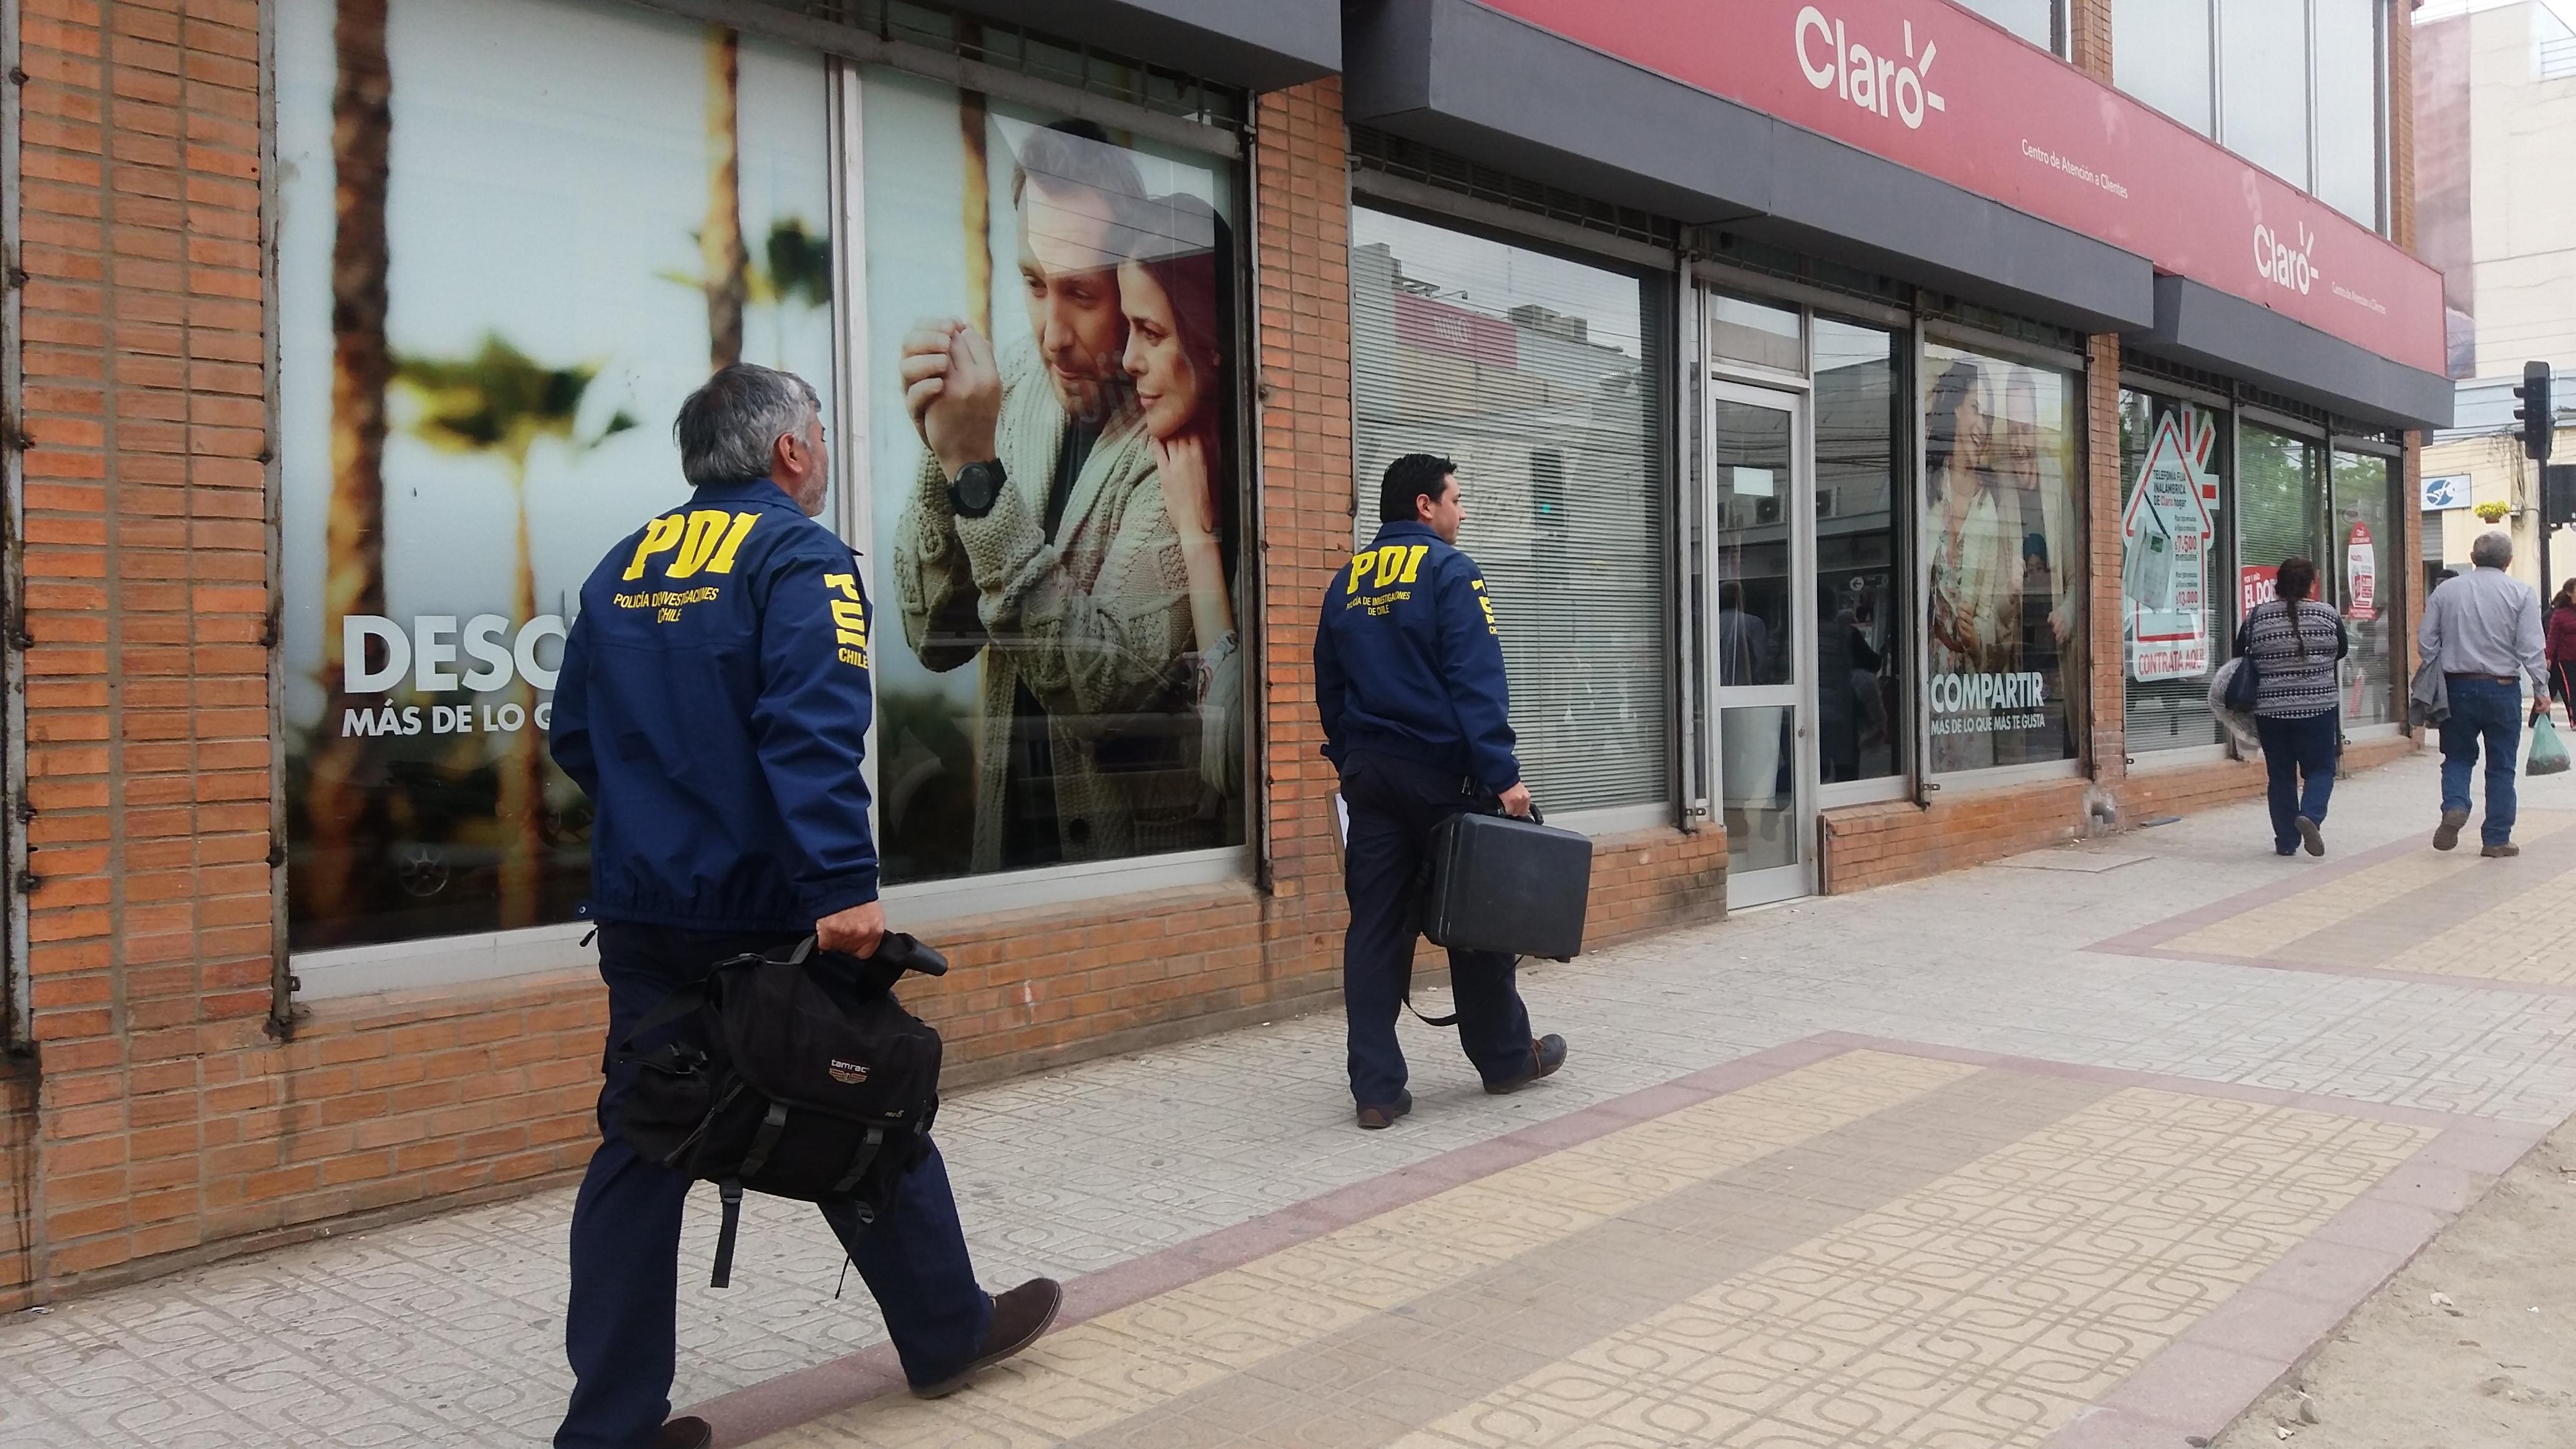 Millonario robo en teléfonos celulares afectó a la empresa Claro en el centro de Talca